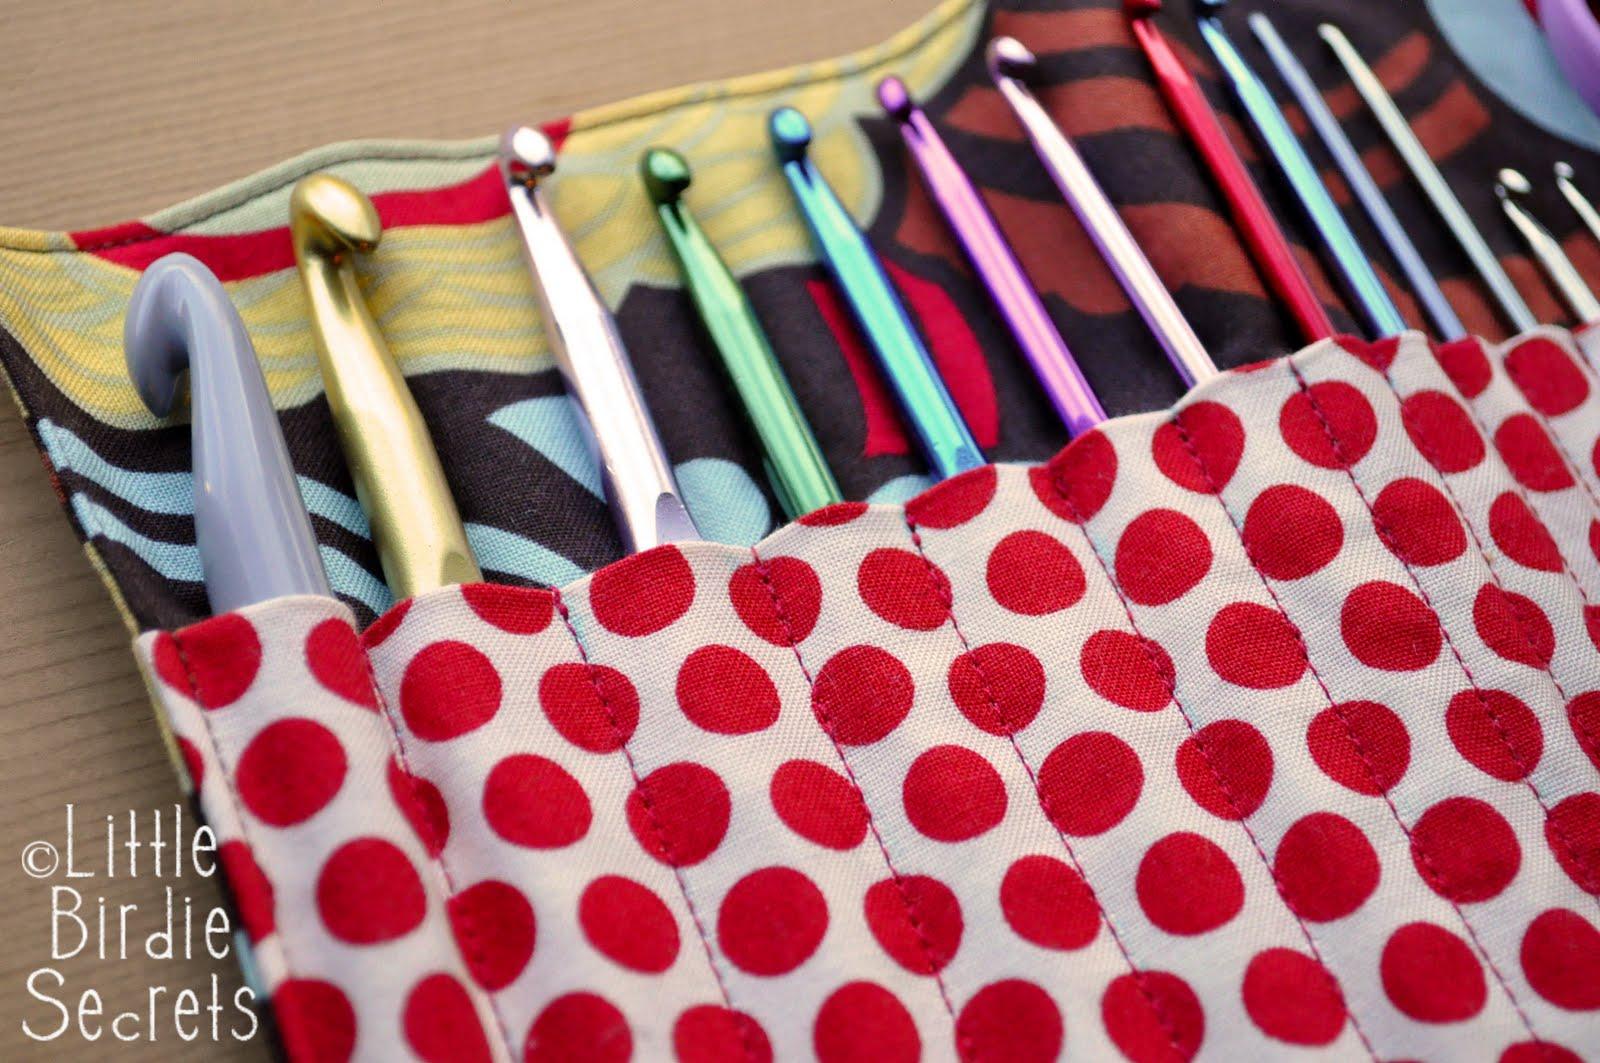 crochet hook clutch tutorial {get organized} | Little Birdie Secrets